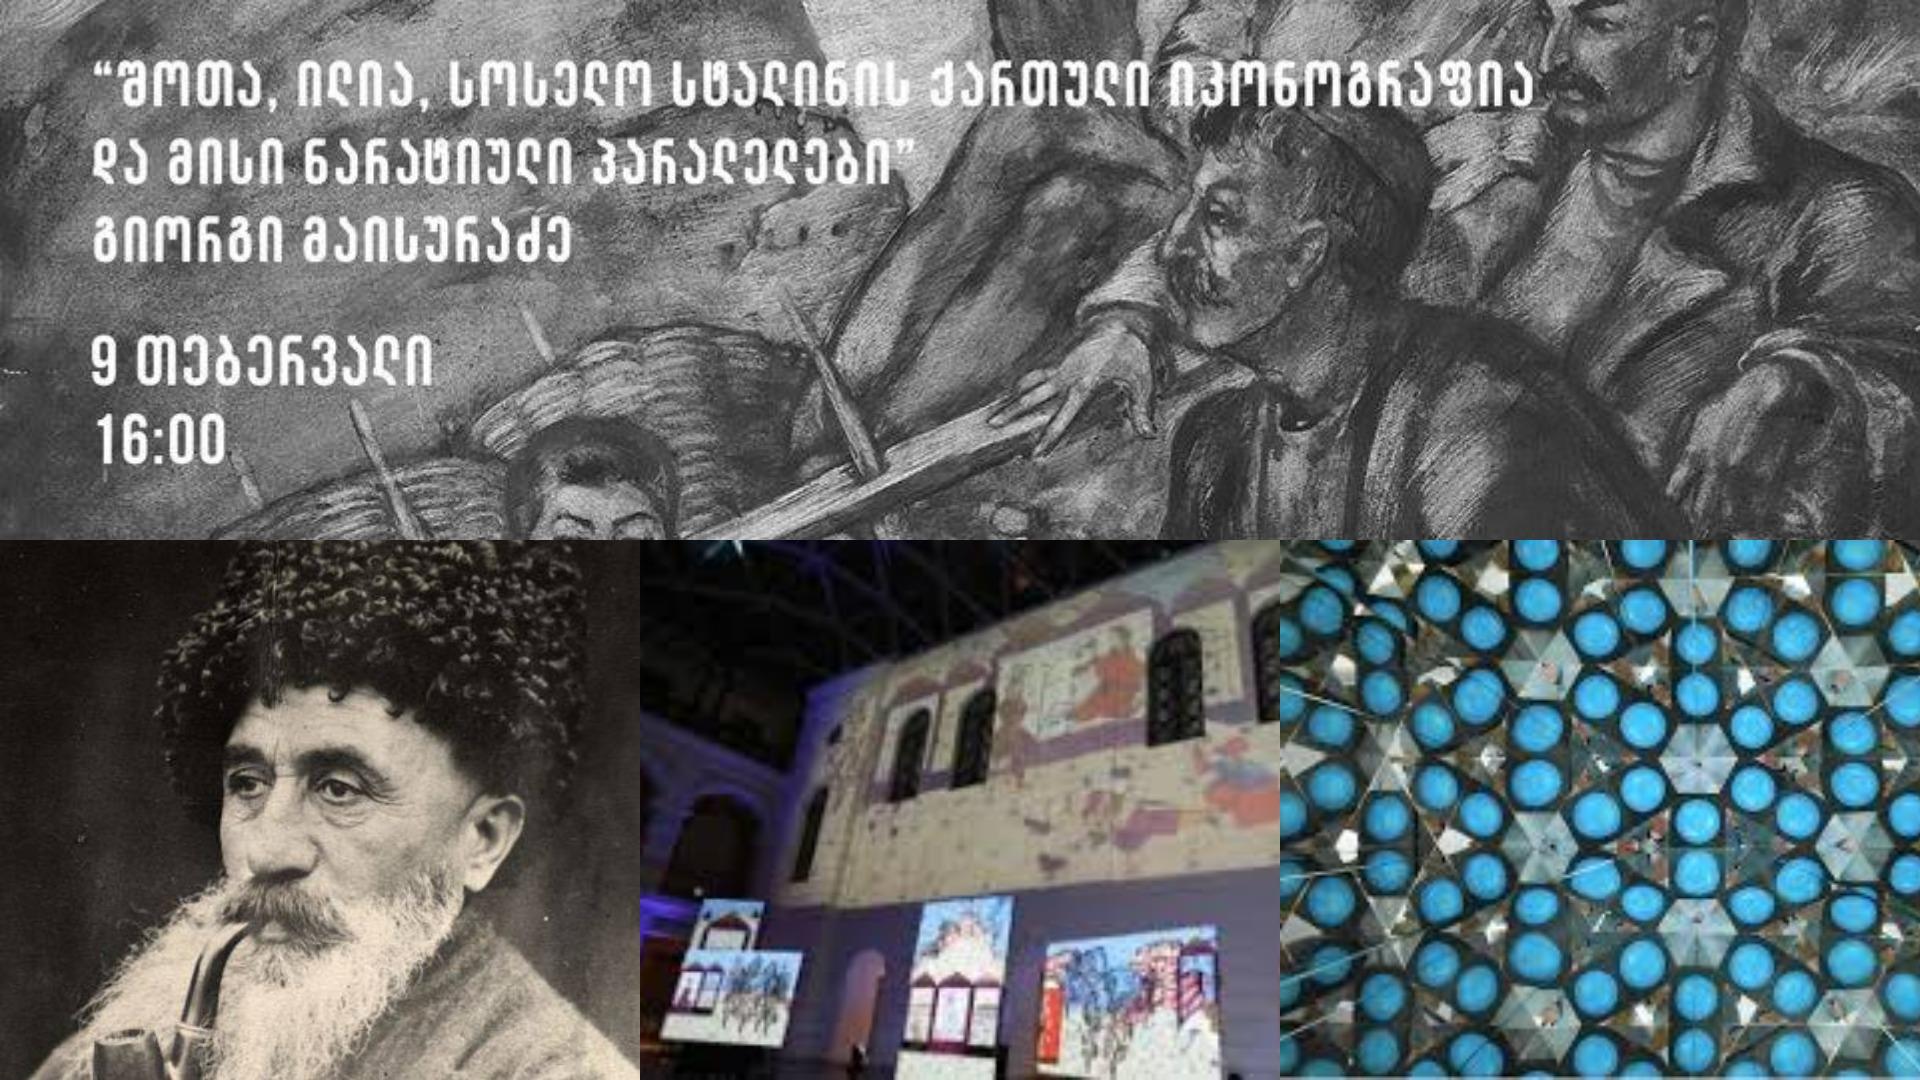 """არტნიუსი - საქართველოს ხელნაწერთა ეროვნულ ცენტრში გაიხსნება გამოფენა - """"დავით აღმაშენებლის ეპოქის ხელნაწერი მემკვიდრეობა"""""""